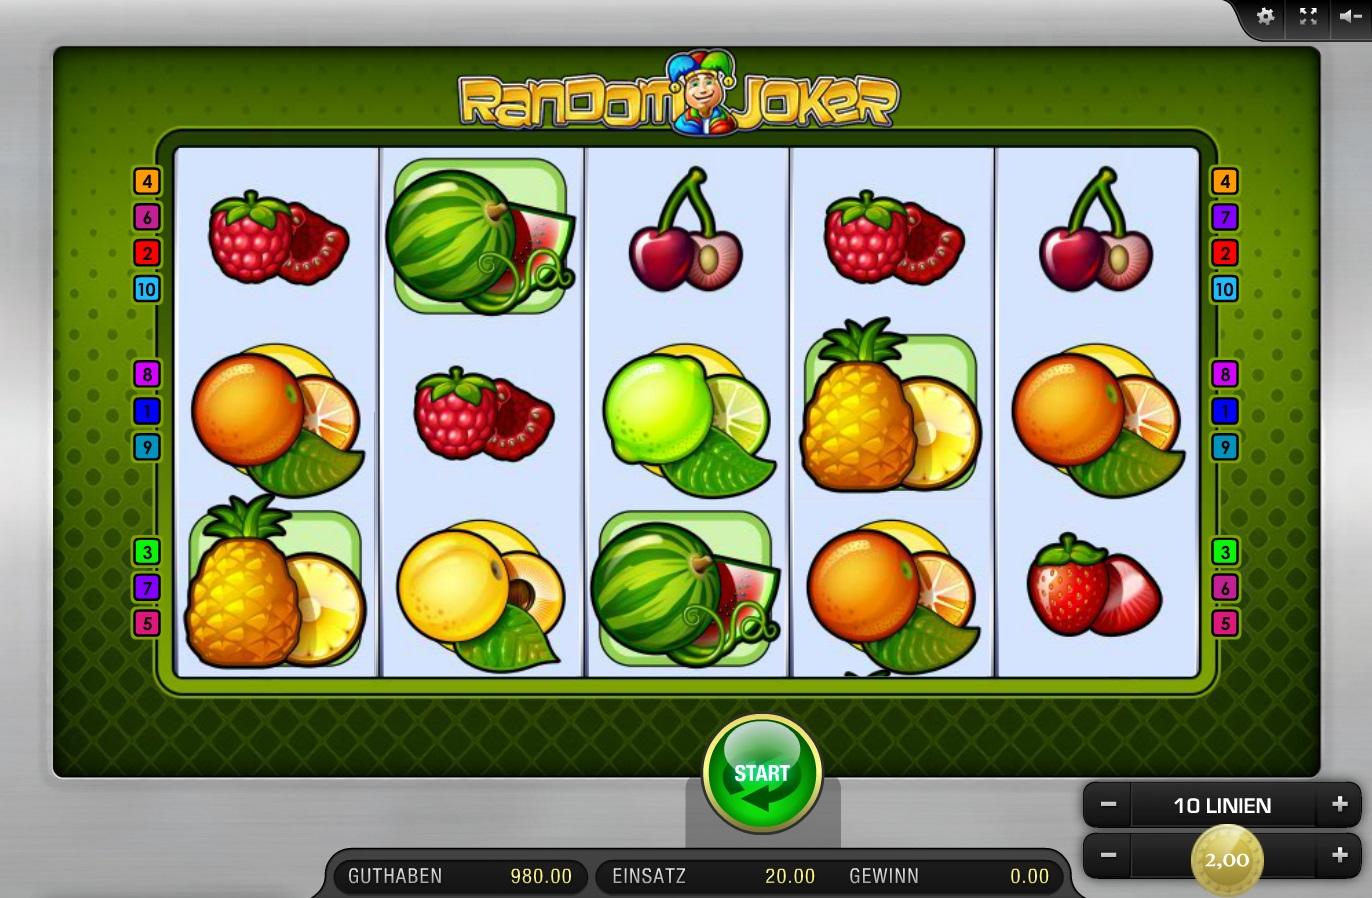 deutsche online casino  spiele kostenlos